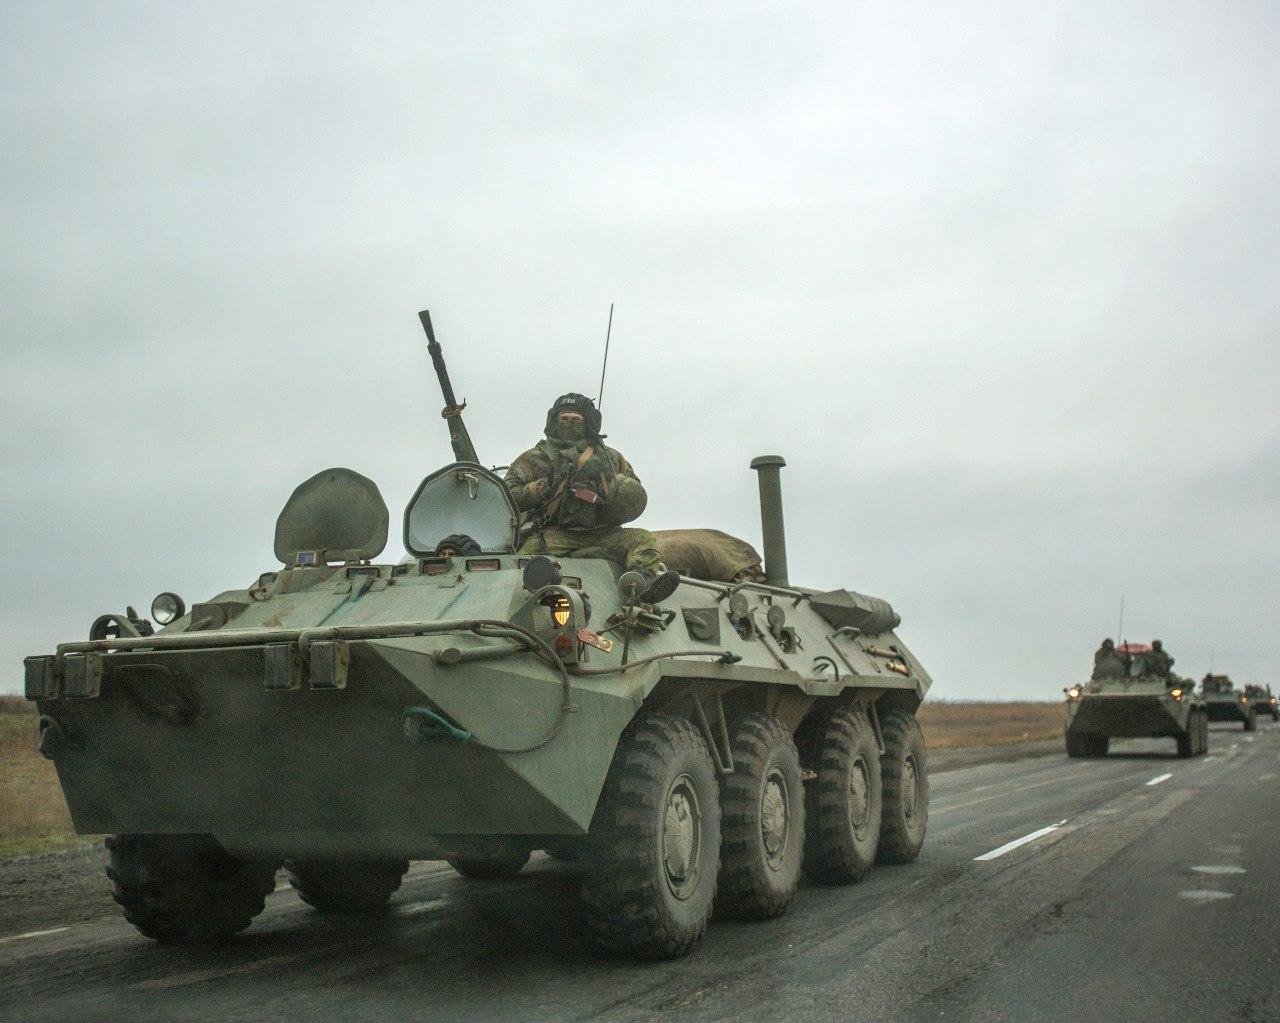 СМИ сообщили о пересечении украинской границы в Ростовской области российской бронетехникой